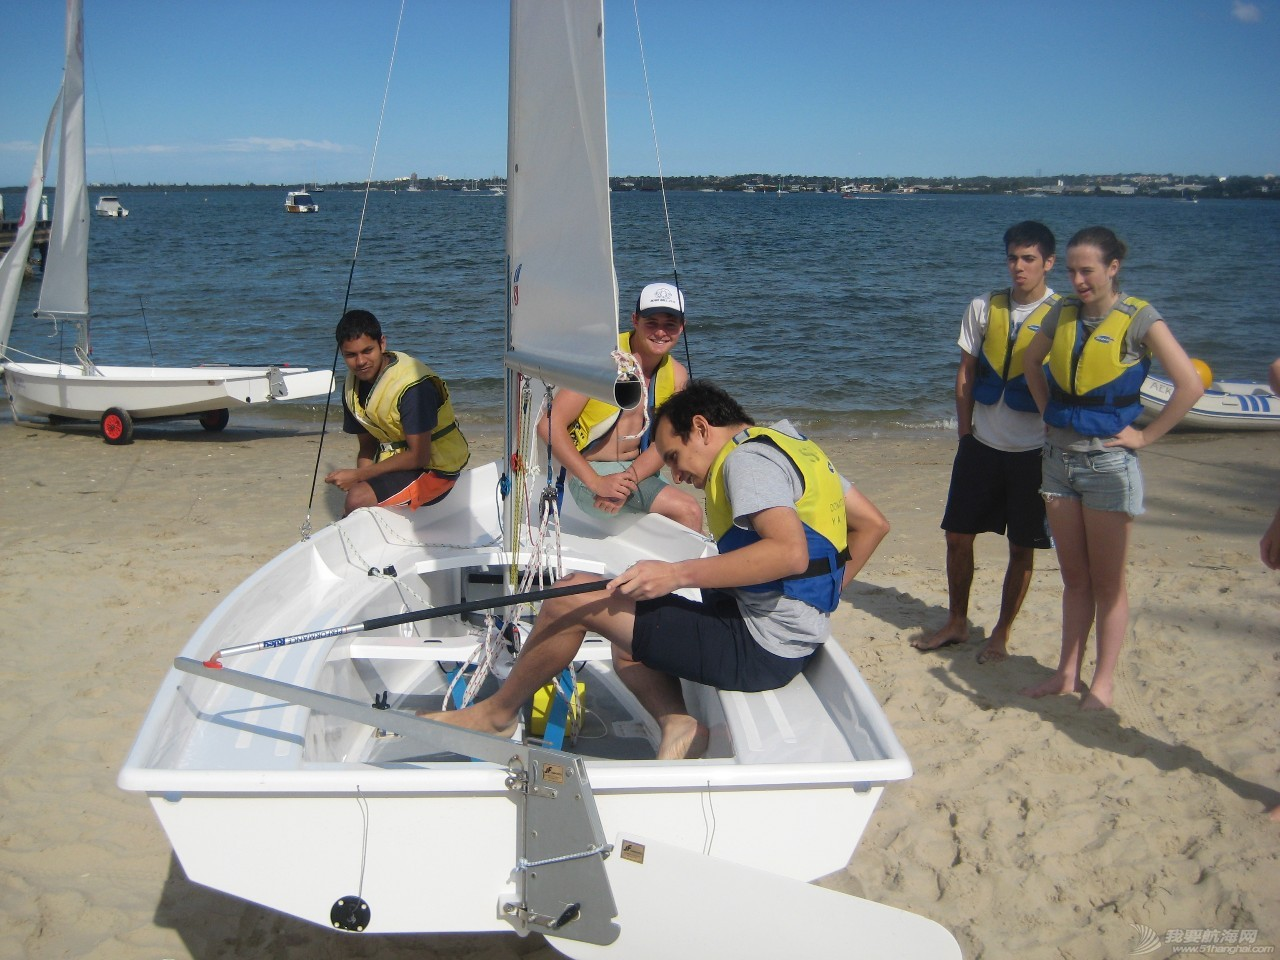 天气预报,基础知识,初学者,共同点,救生衣 帆船老鸟送给新人的10个超实用建议 bc34bcc080bad798b0d0d1e76bb9bbb1.jpg